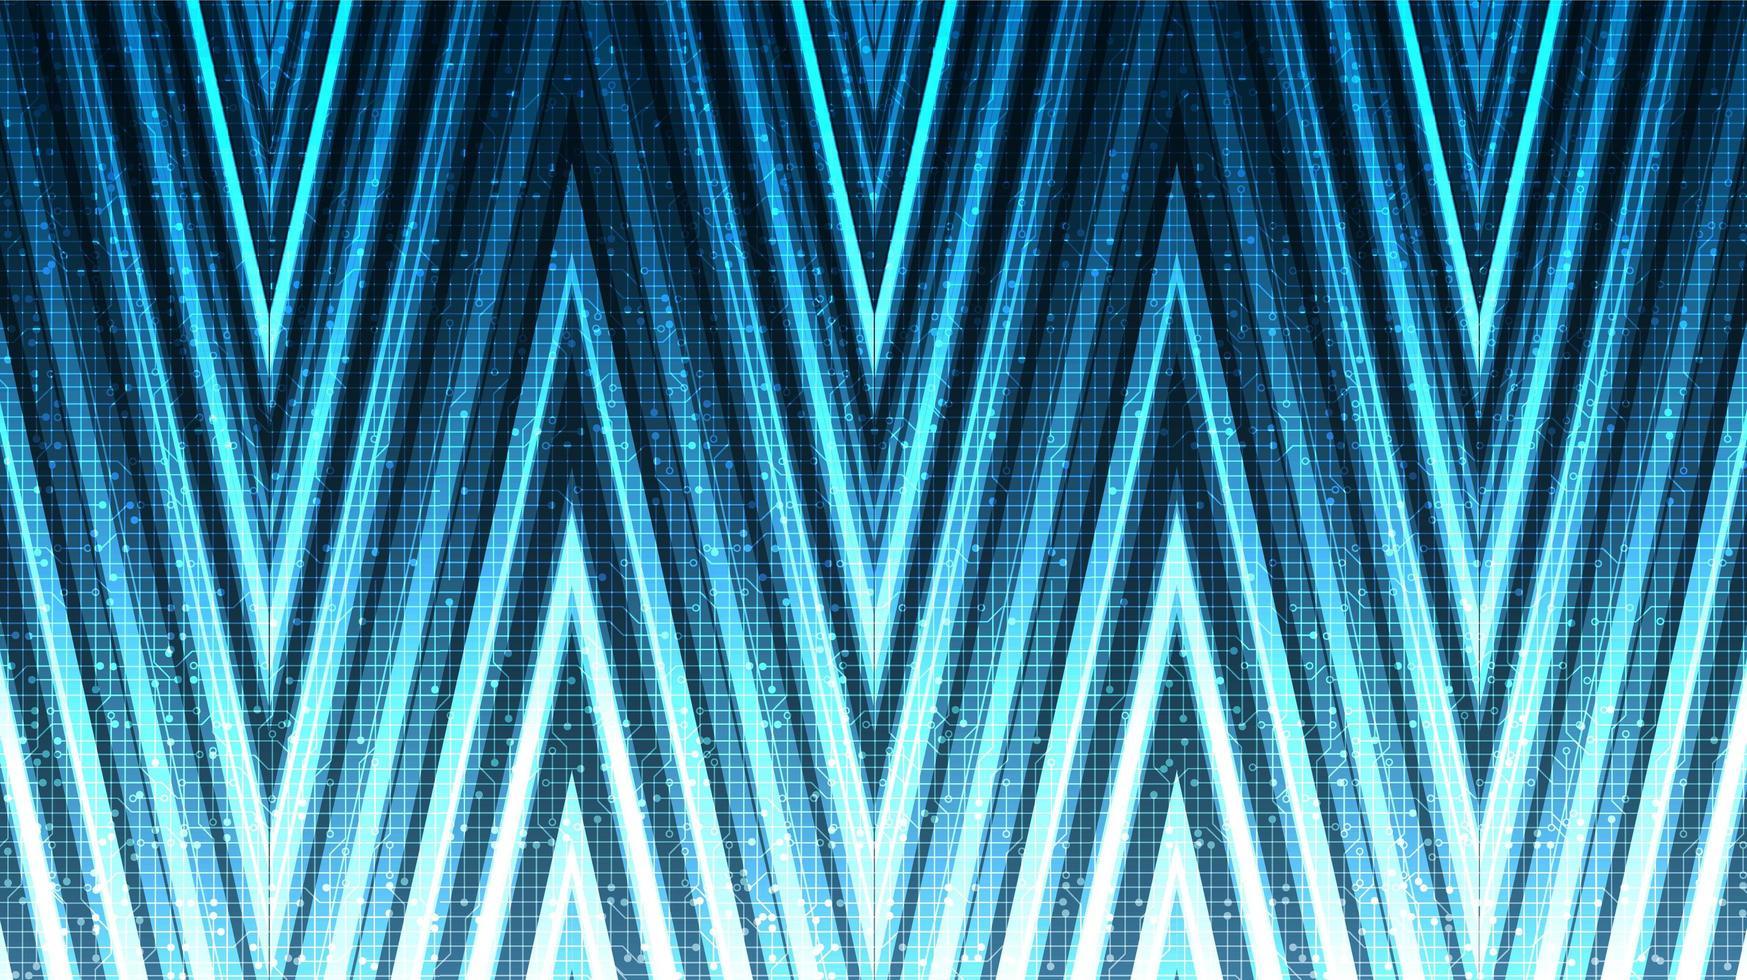 Fondo de tecnología de flecha abstracta, diseño de concepto digital y de conexión, ilustración vectorial. vector